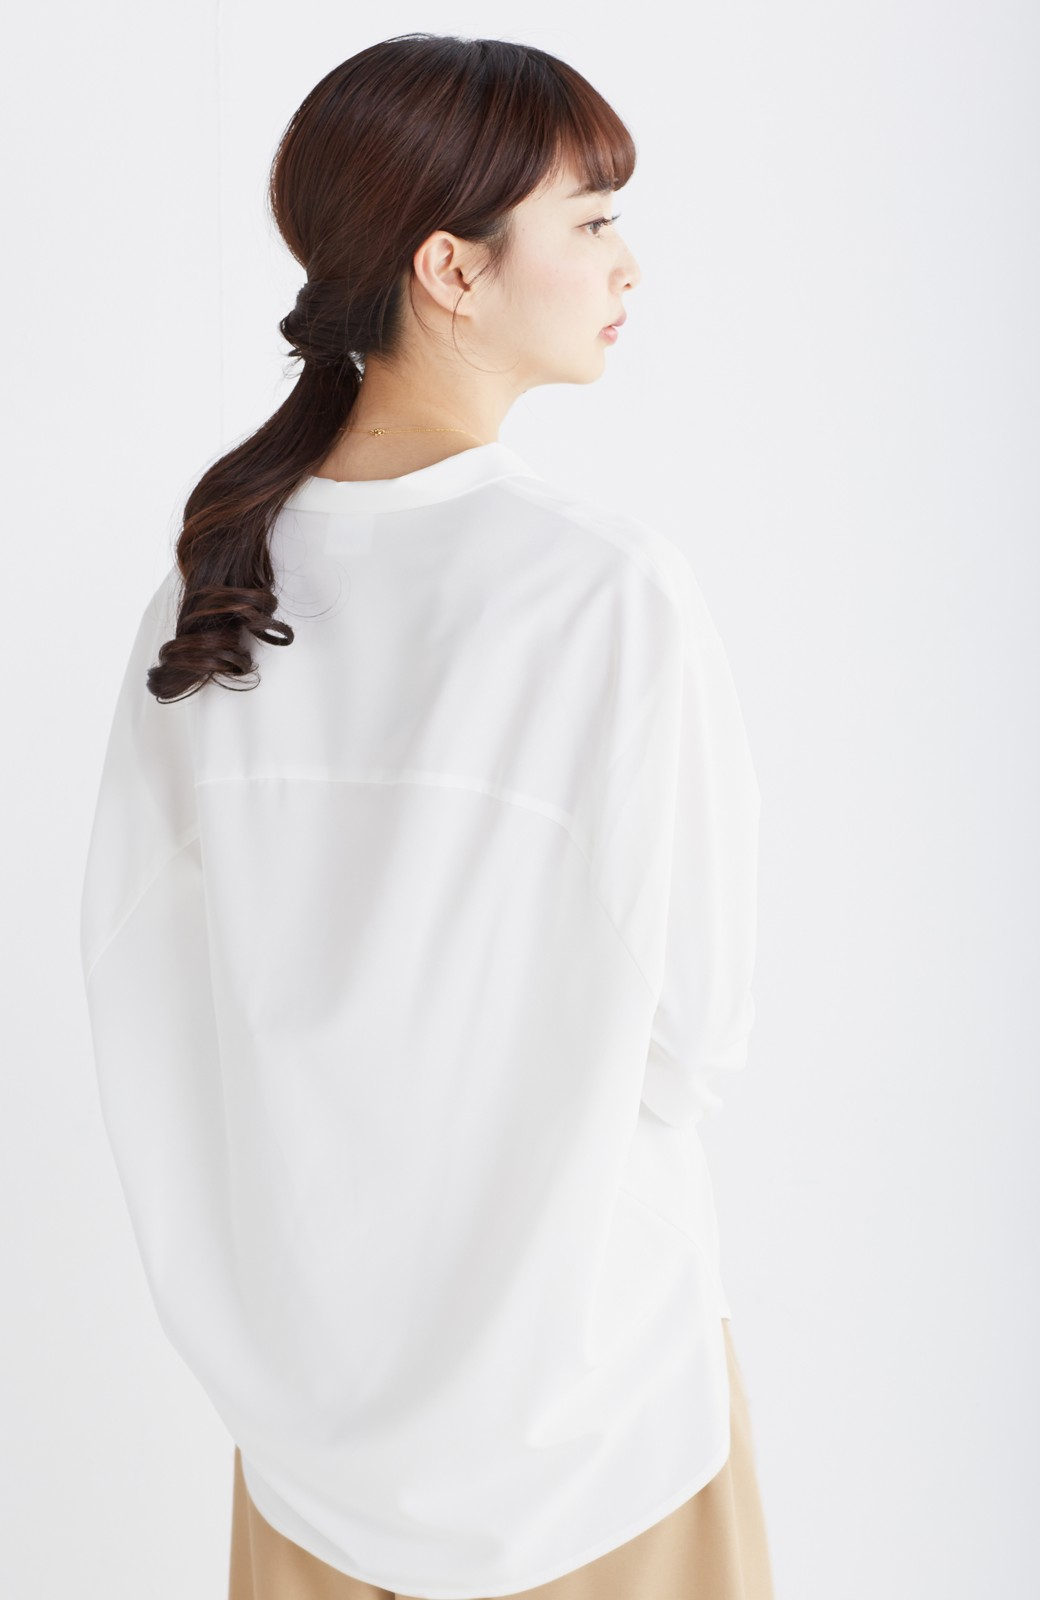 エムトロワ 女らしくてかっこいい スキッパー&抜き衿のとろみシャツ <ホワイト>の商品写真14